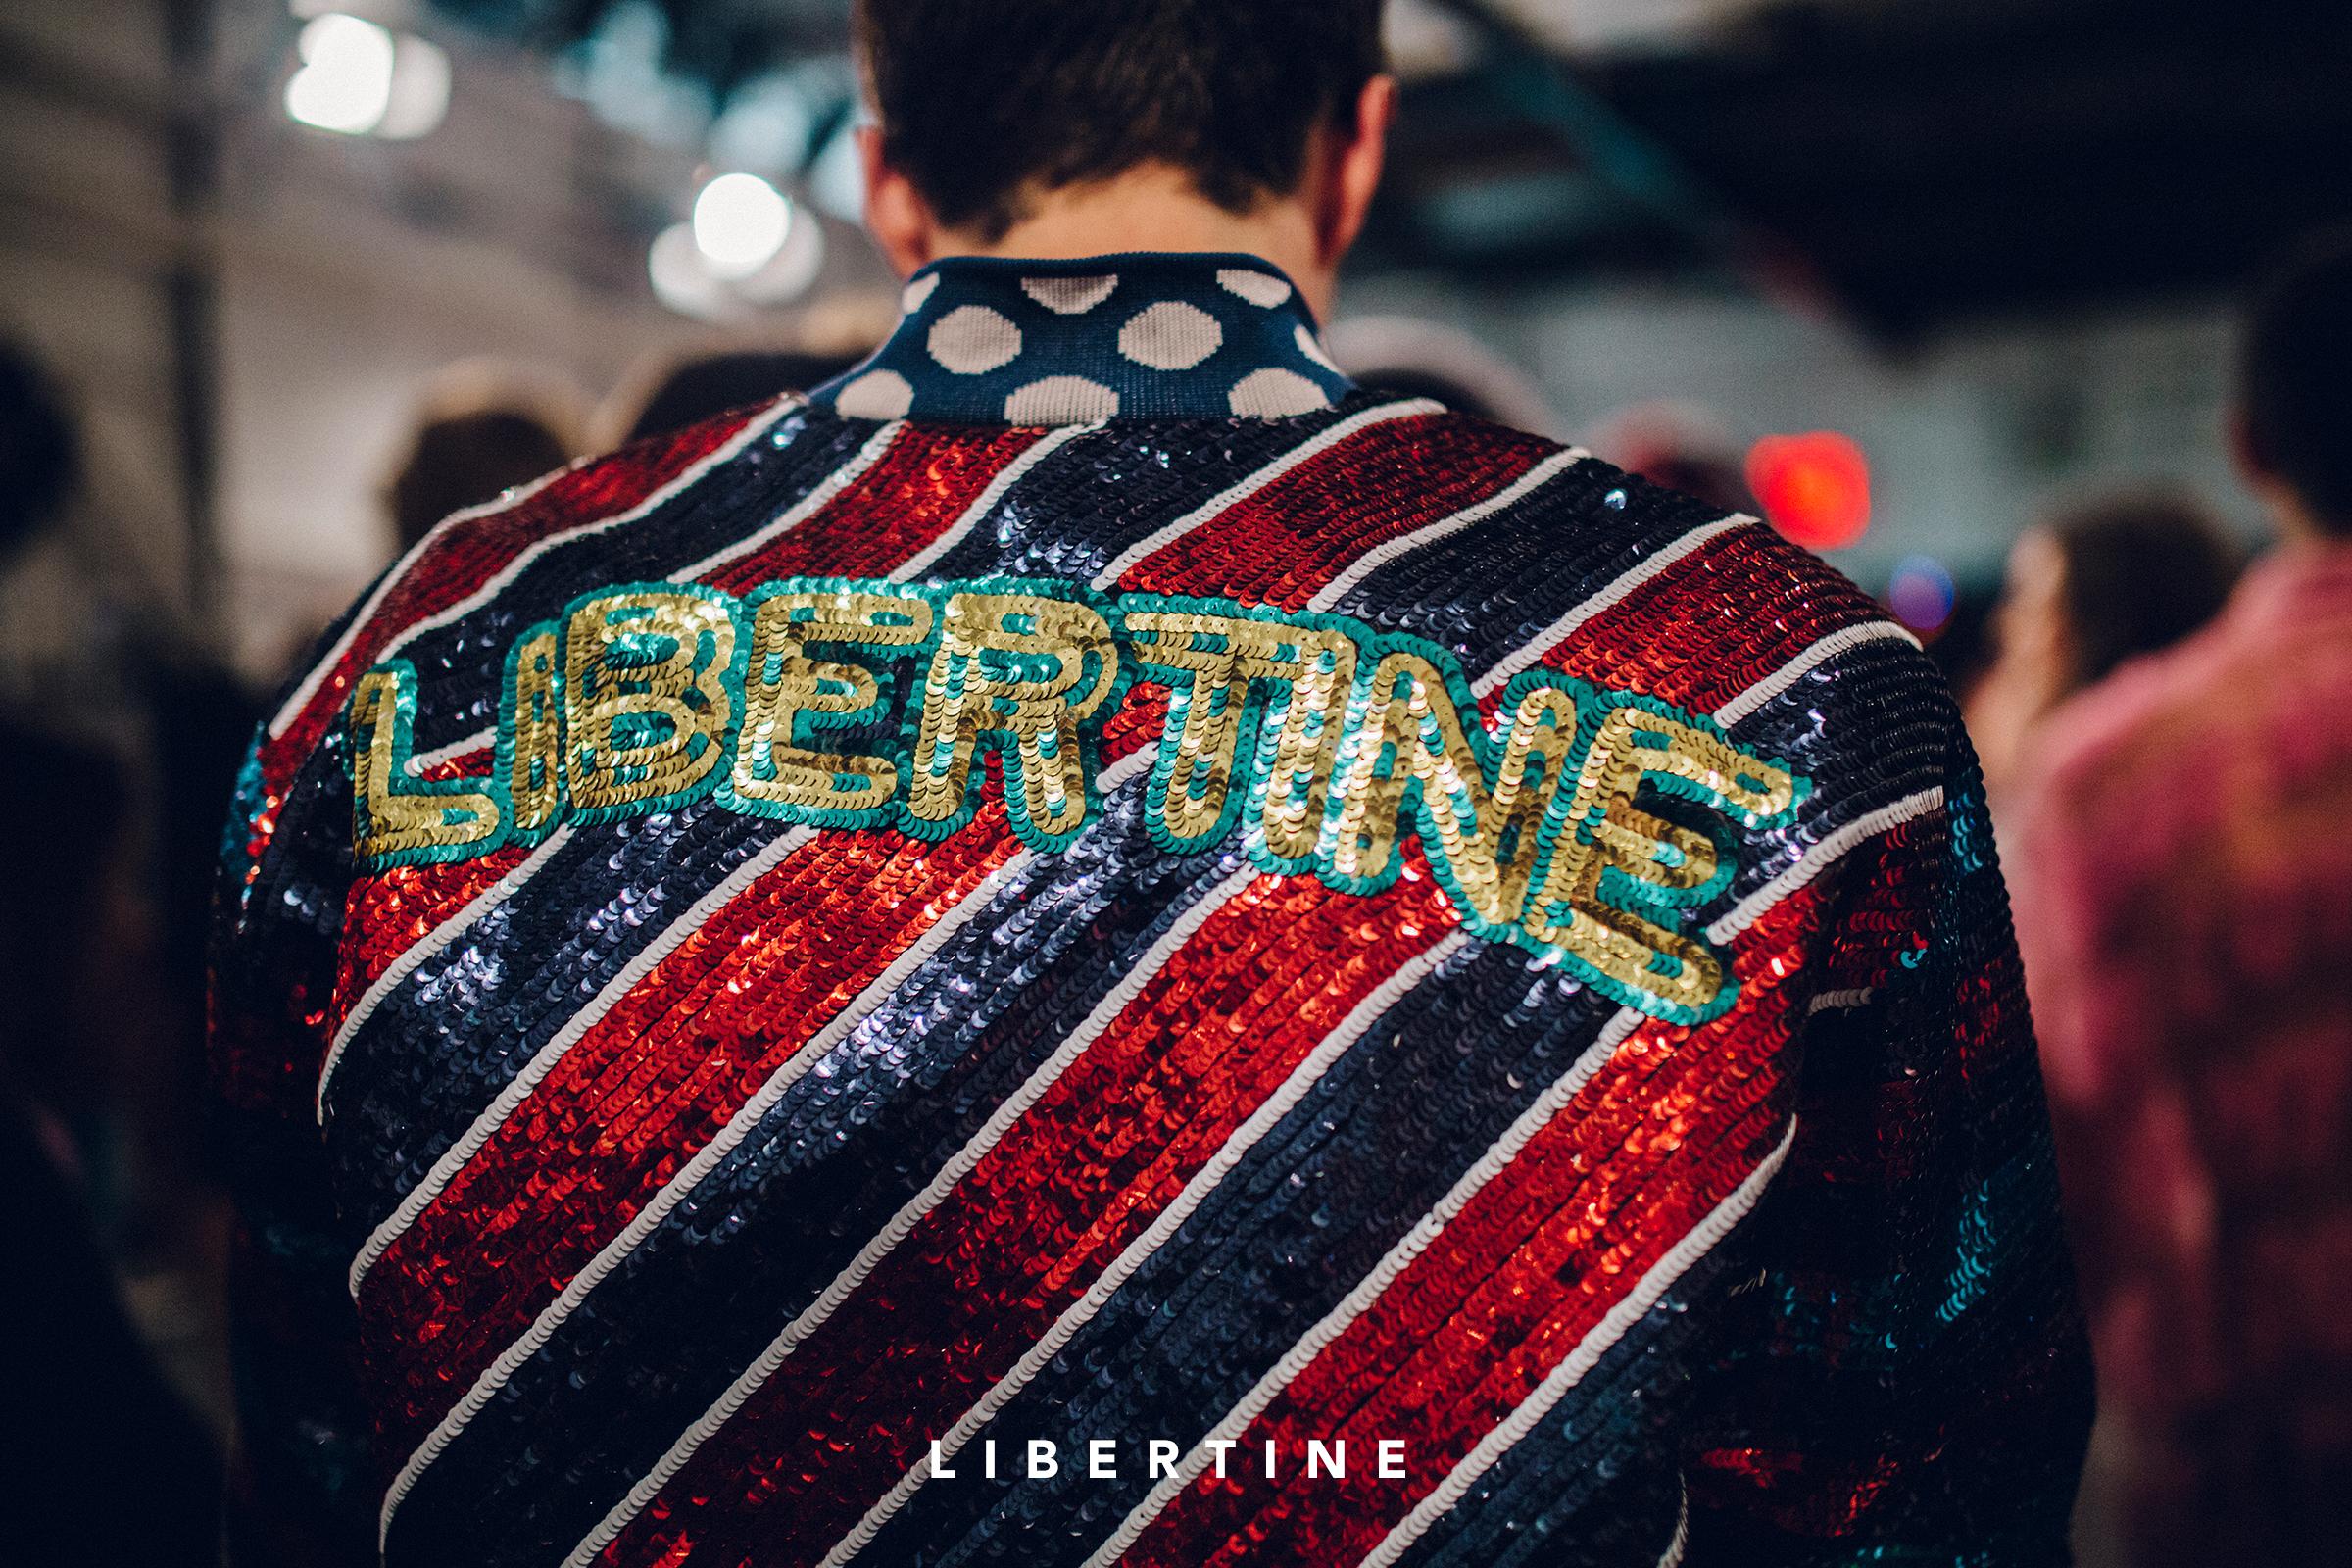 Libertine.jpg